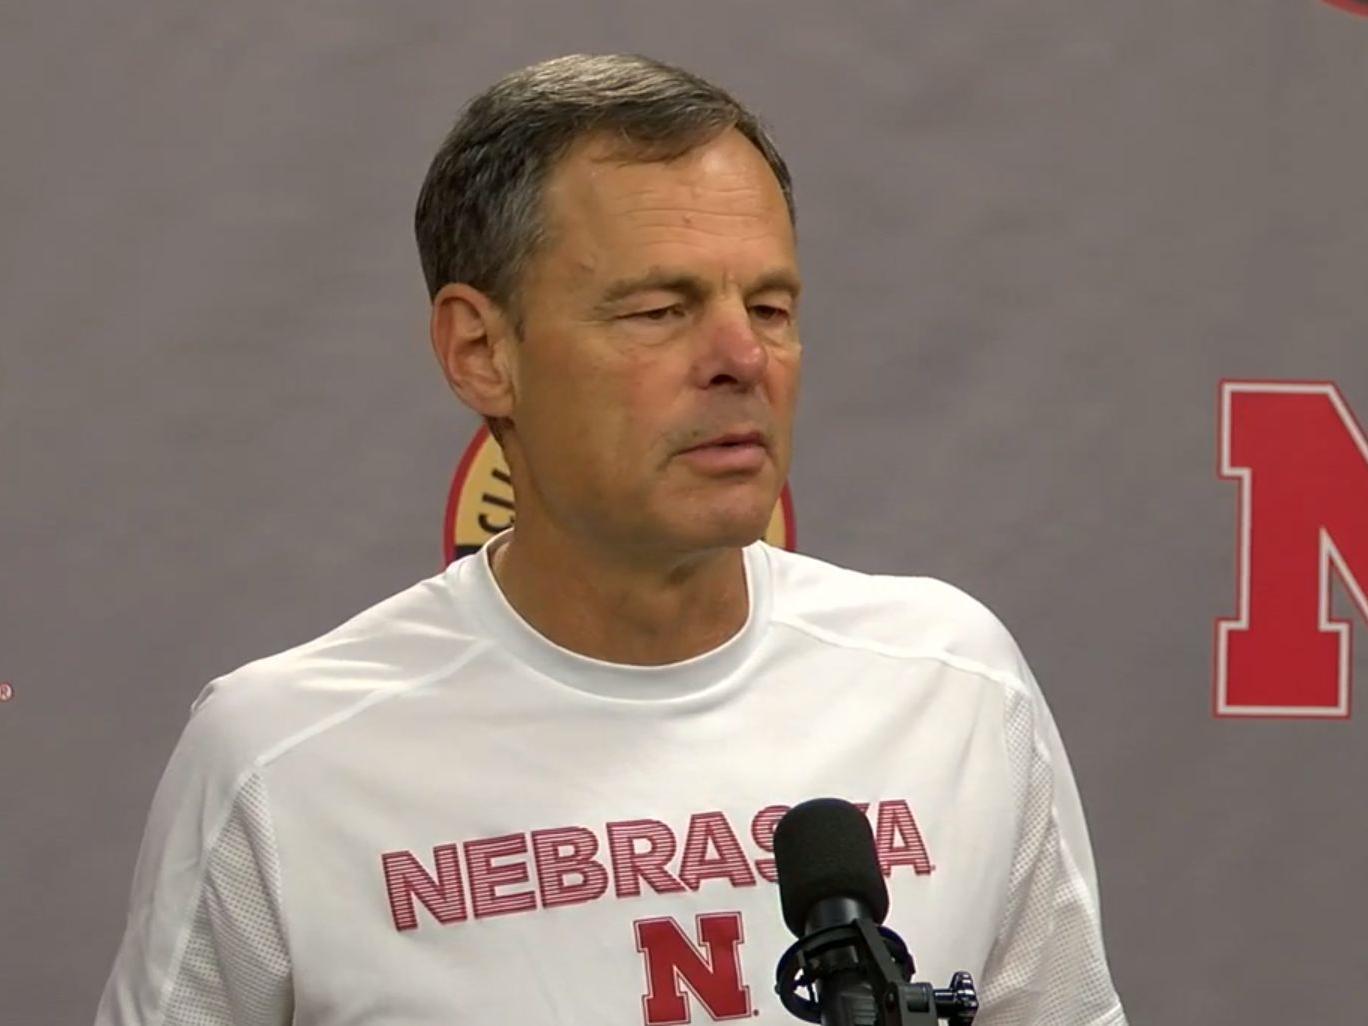 Husker volleyball coach John Cook discusses high school volleyball in Nebraska